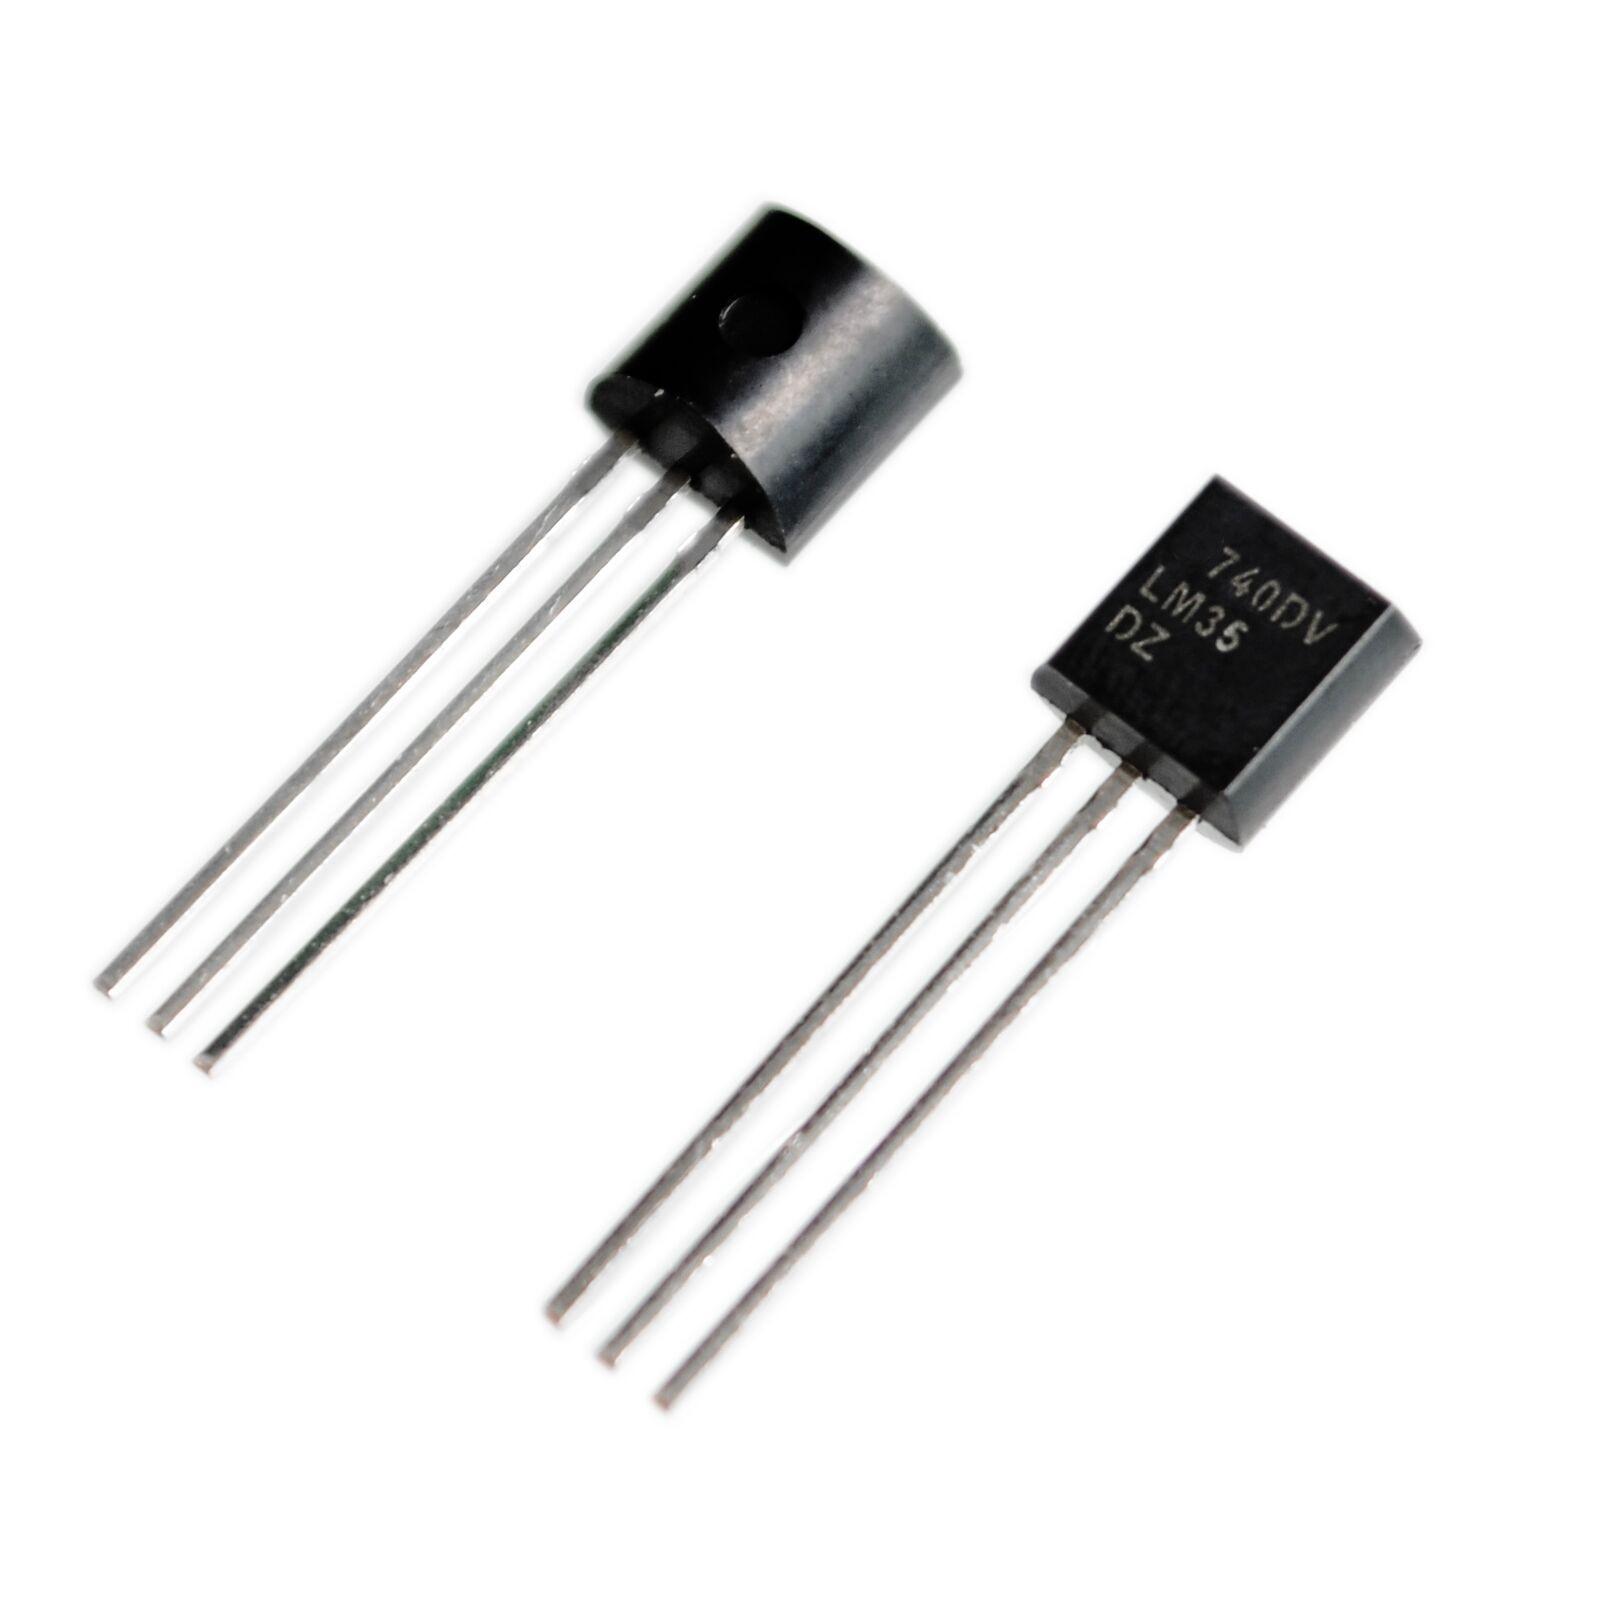 Прецизионные датчики температуры по Цельсию LM35 LM35DZ TO92 TO-92